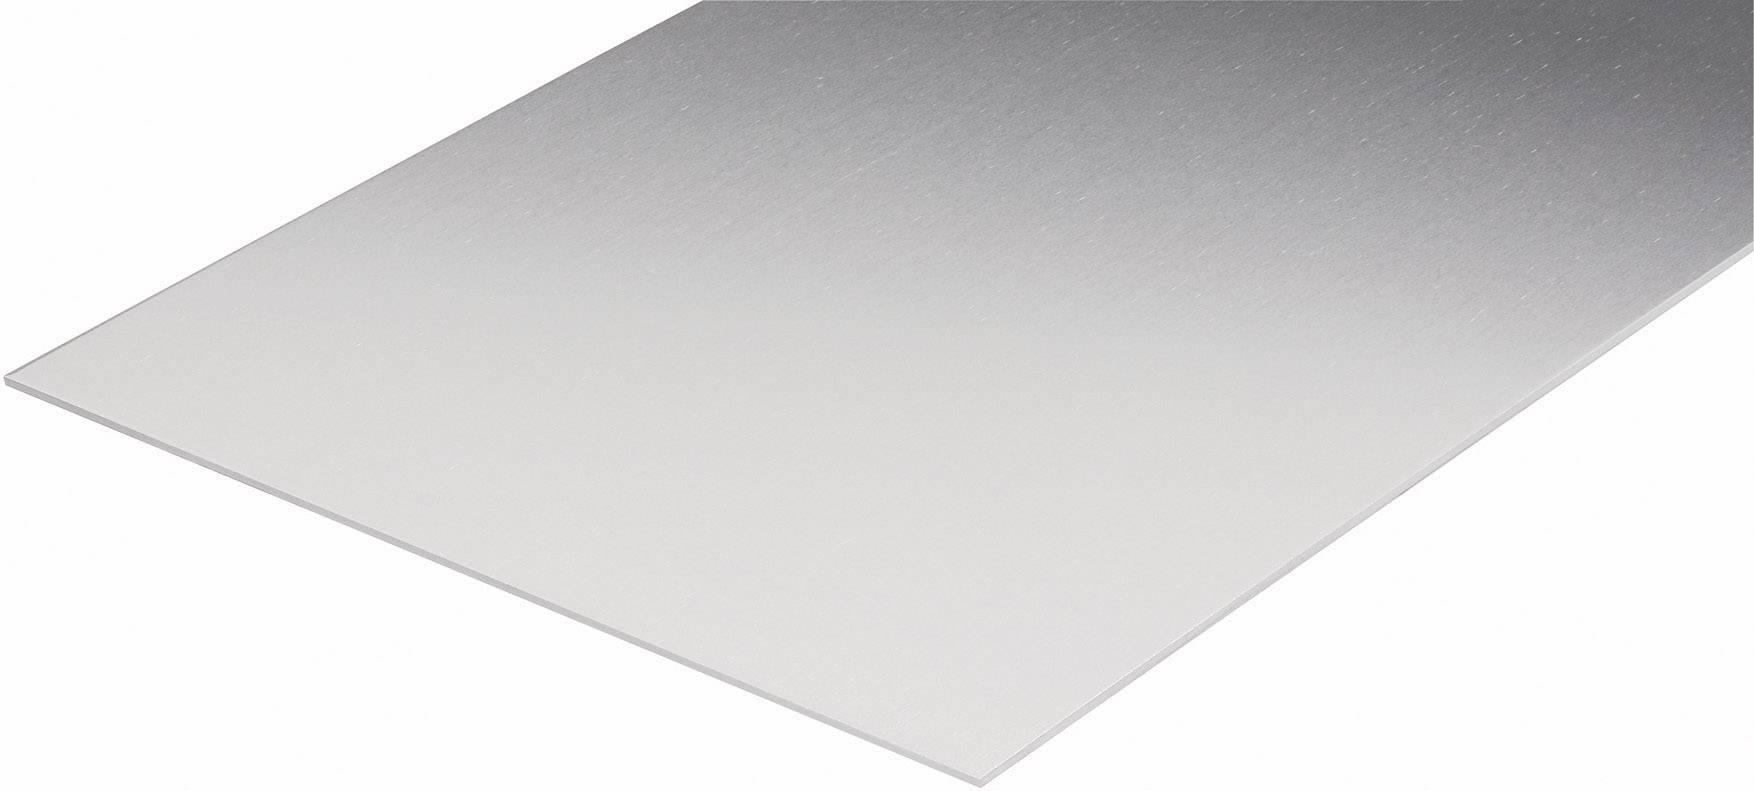 Favoriete Aluminium platen Al-Mg 3 (l x b) 400 mm x 200 mm Dikte: 4 mm BM86